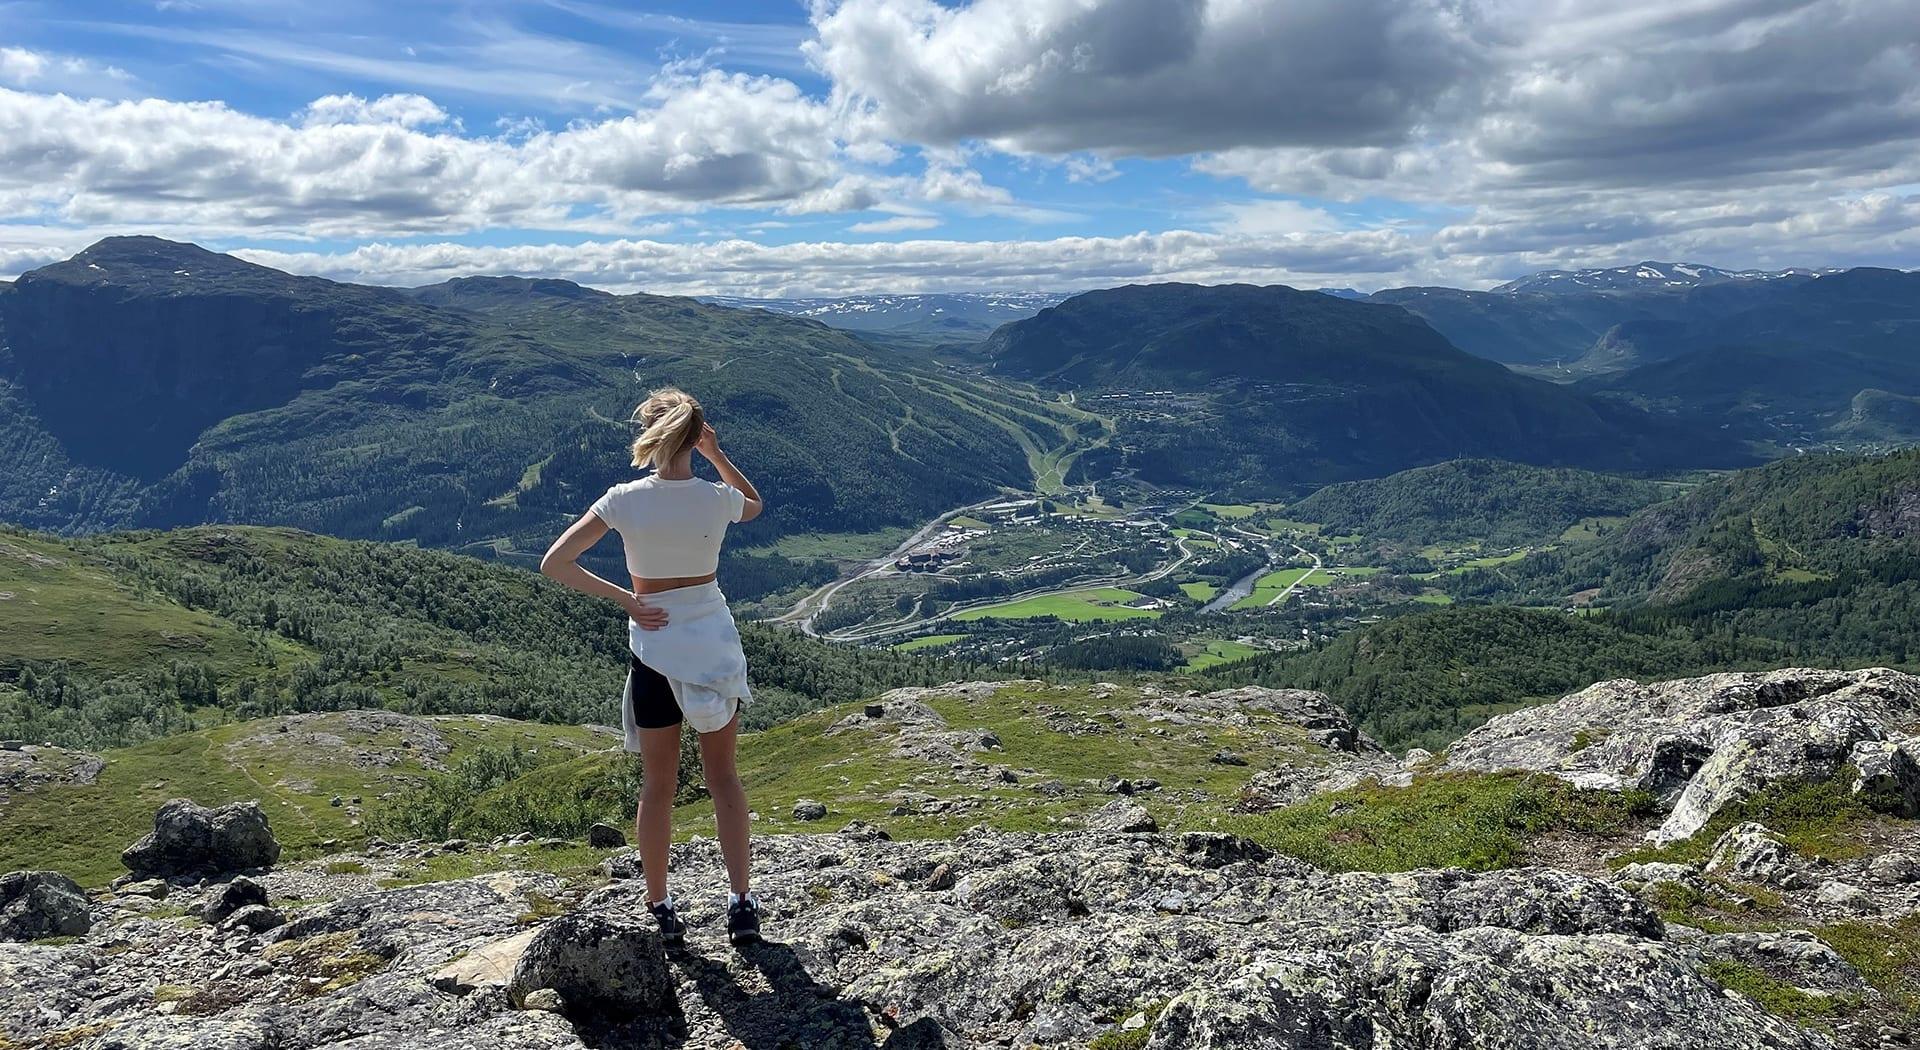 Fjelltur fra sentrum med utsikt til Totten, Roni og Hemsedal Skisenter.